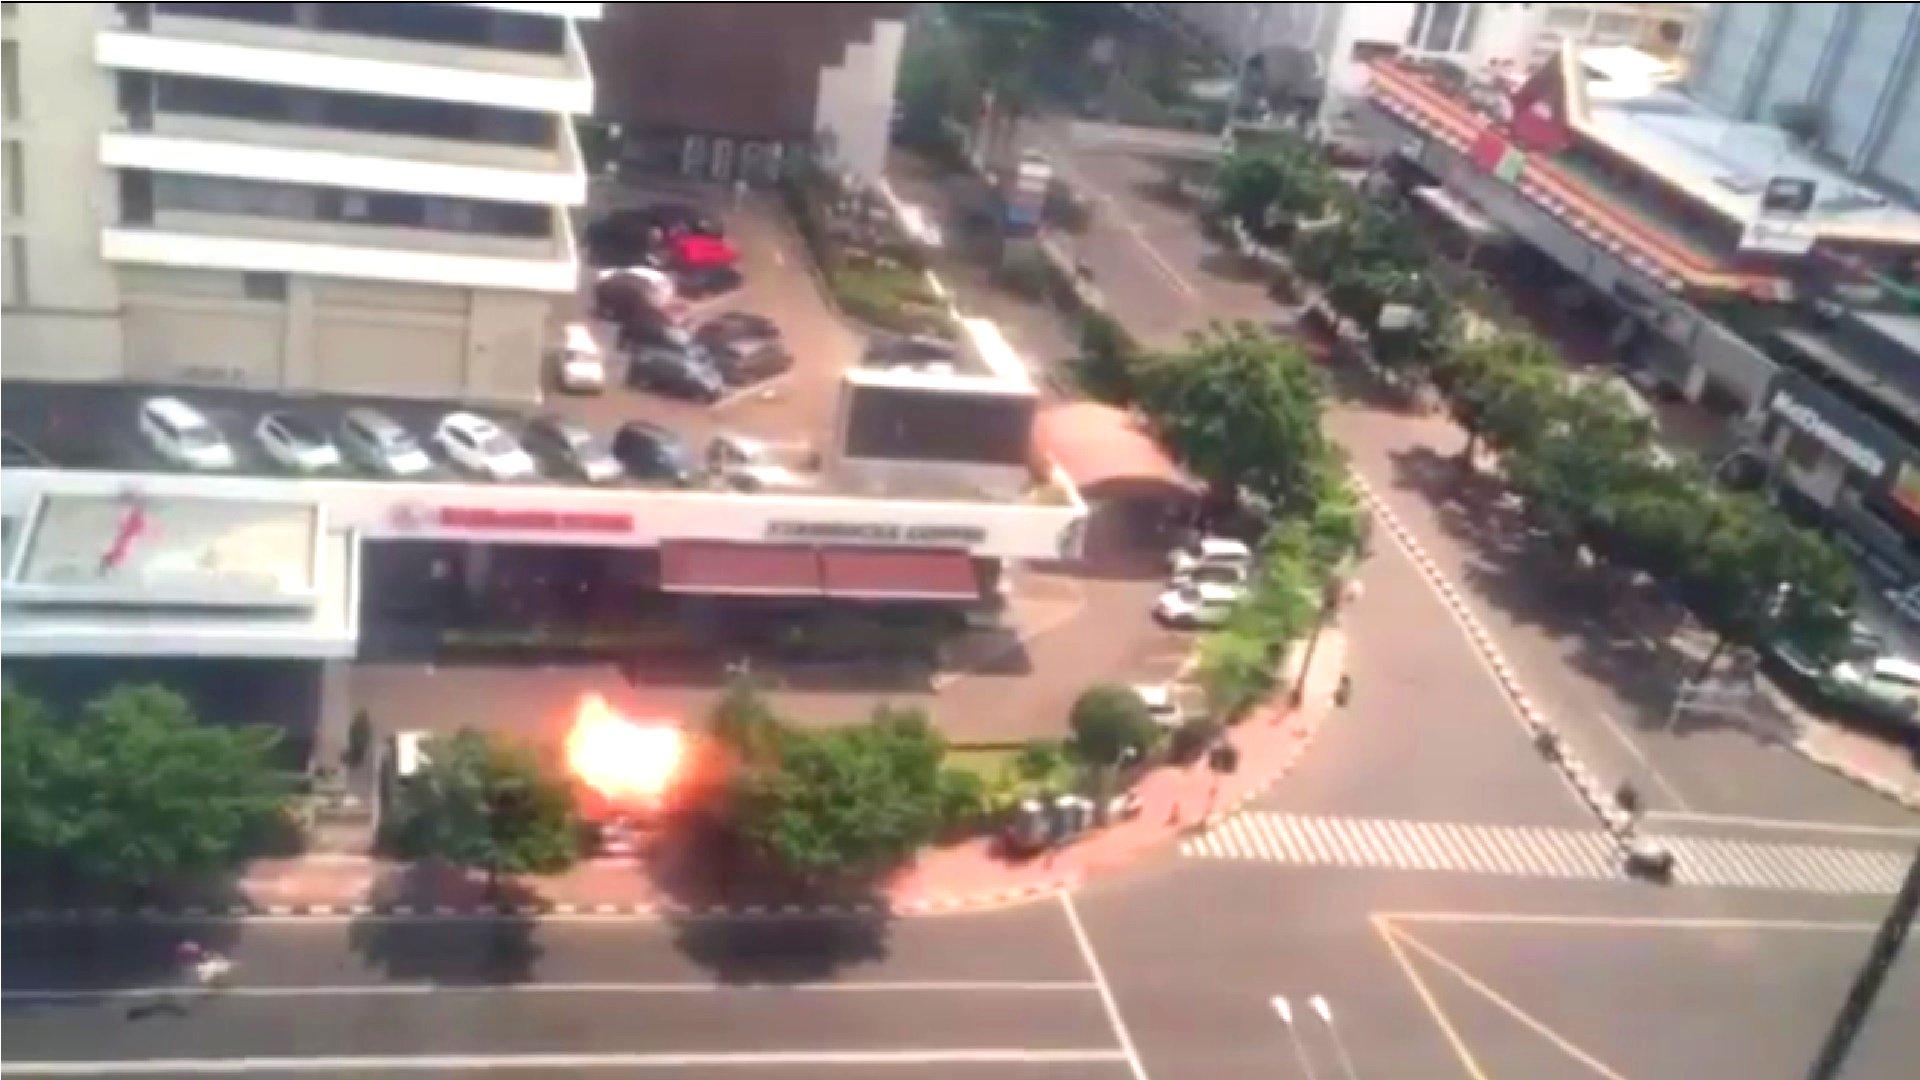 Mindestens sieben Menschen sollen bei dem heutigen Terroranschlag in der indonesischen Hauptstadt ums Leben gekommen sein – darunter wohl auch vier der Angreifer.